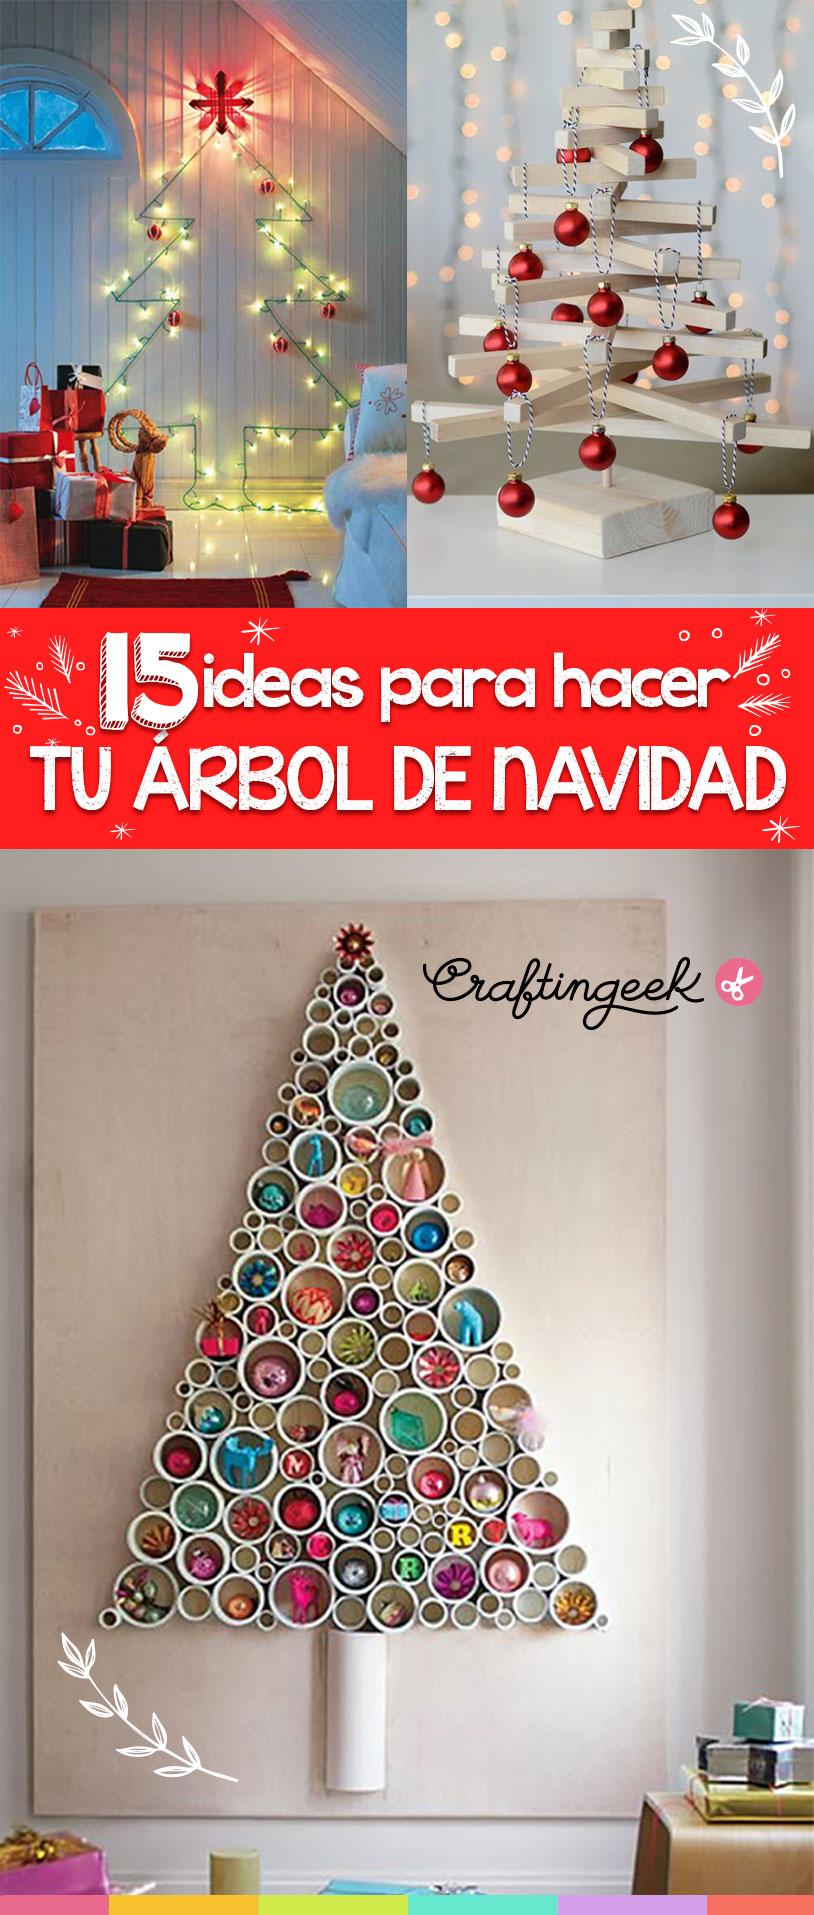 15 ideas para hacer tu propio árbol de navidad ~ Craftingeek